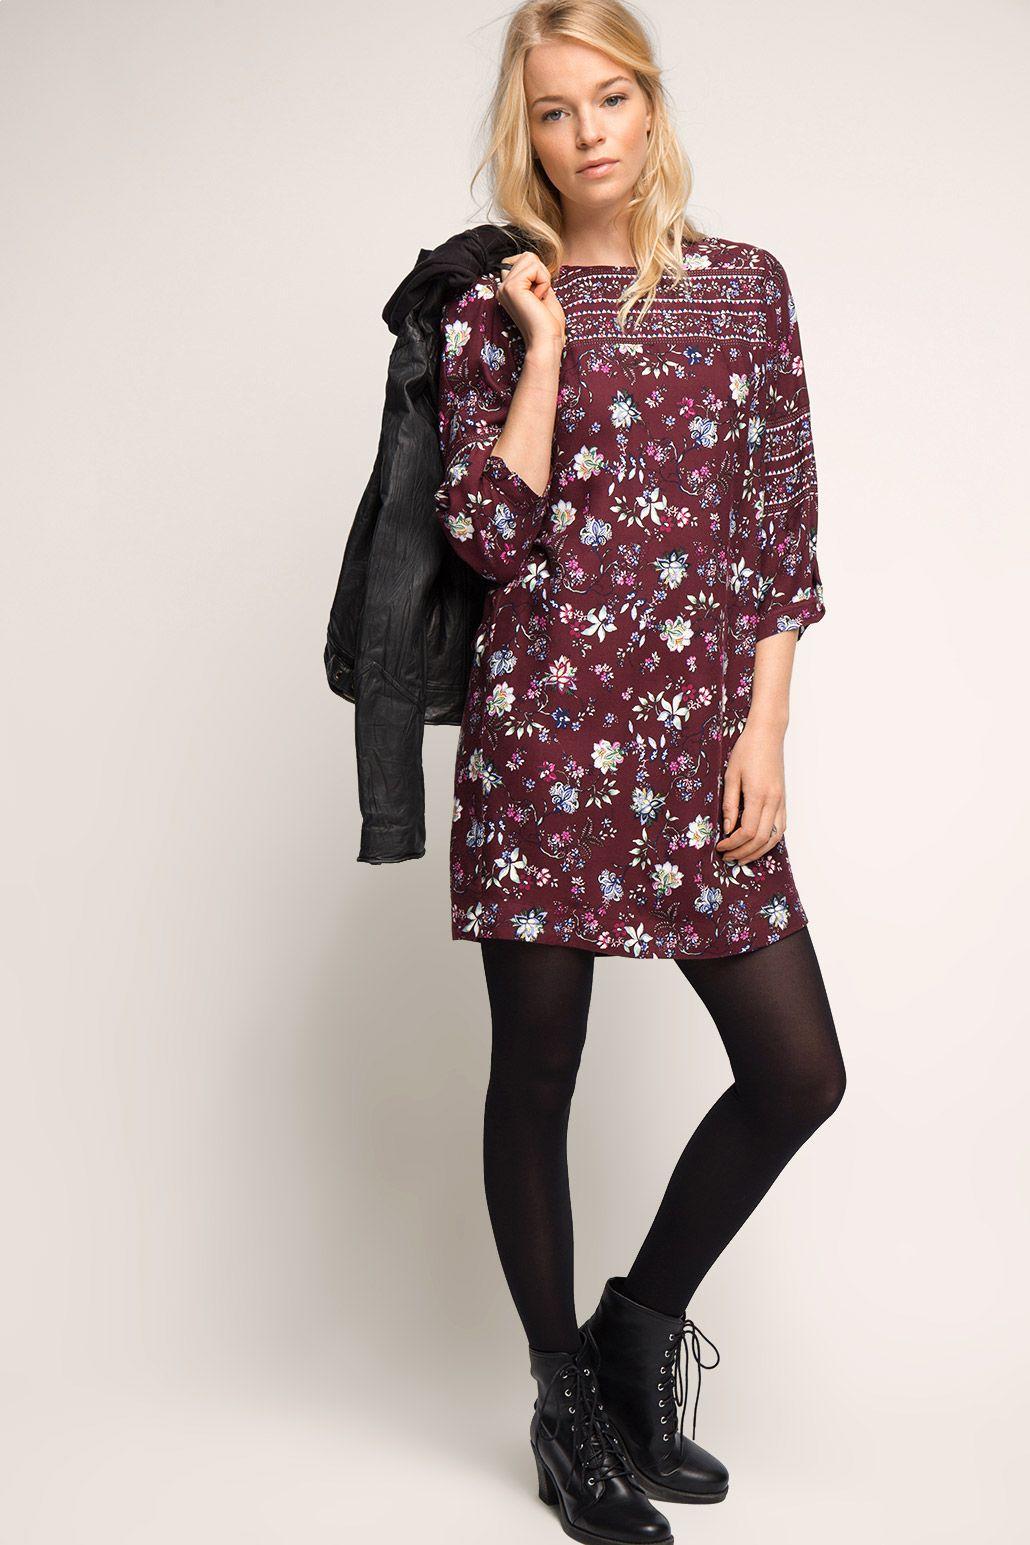 Floral bedrucktes Kleid | Damenkleider, Kleider kaufen ...